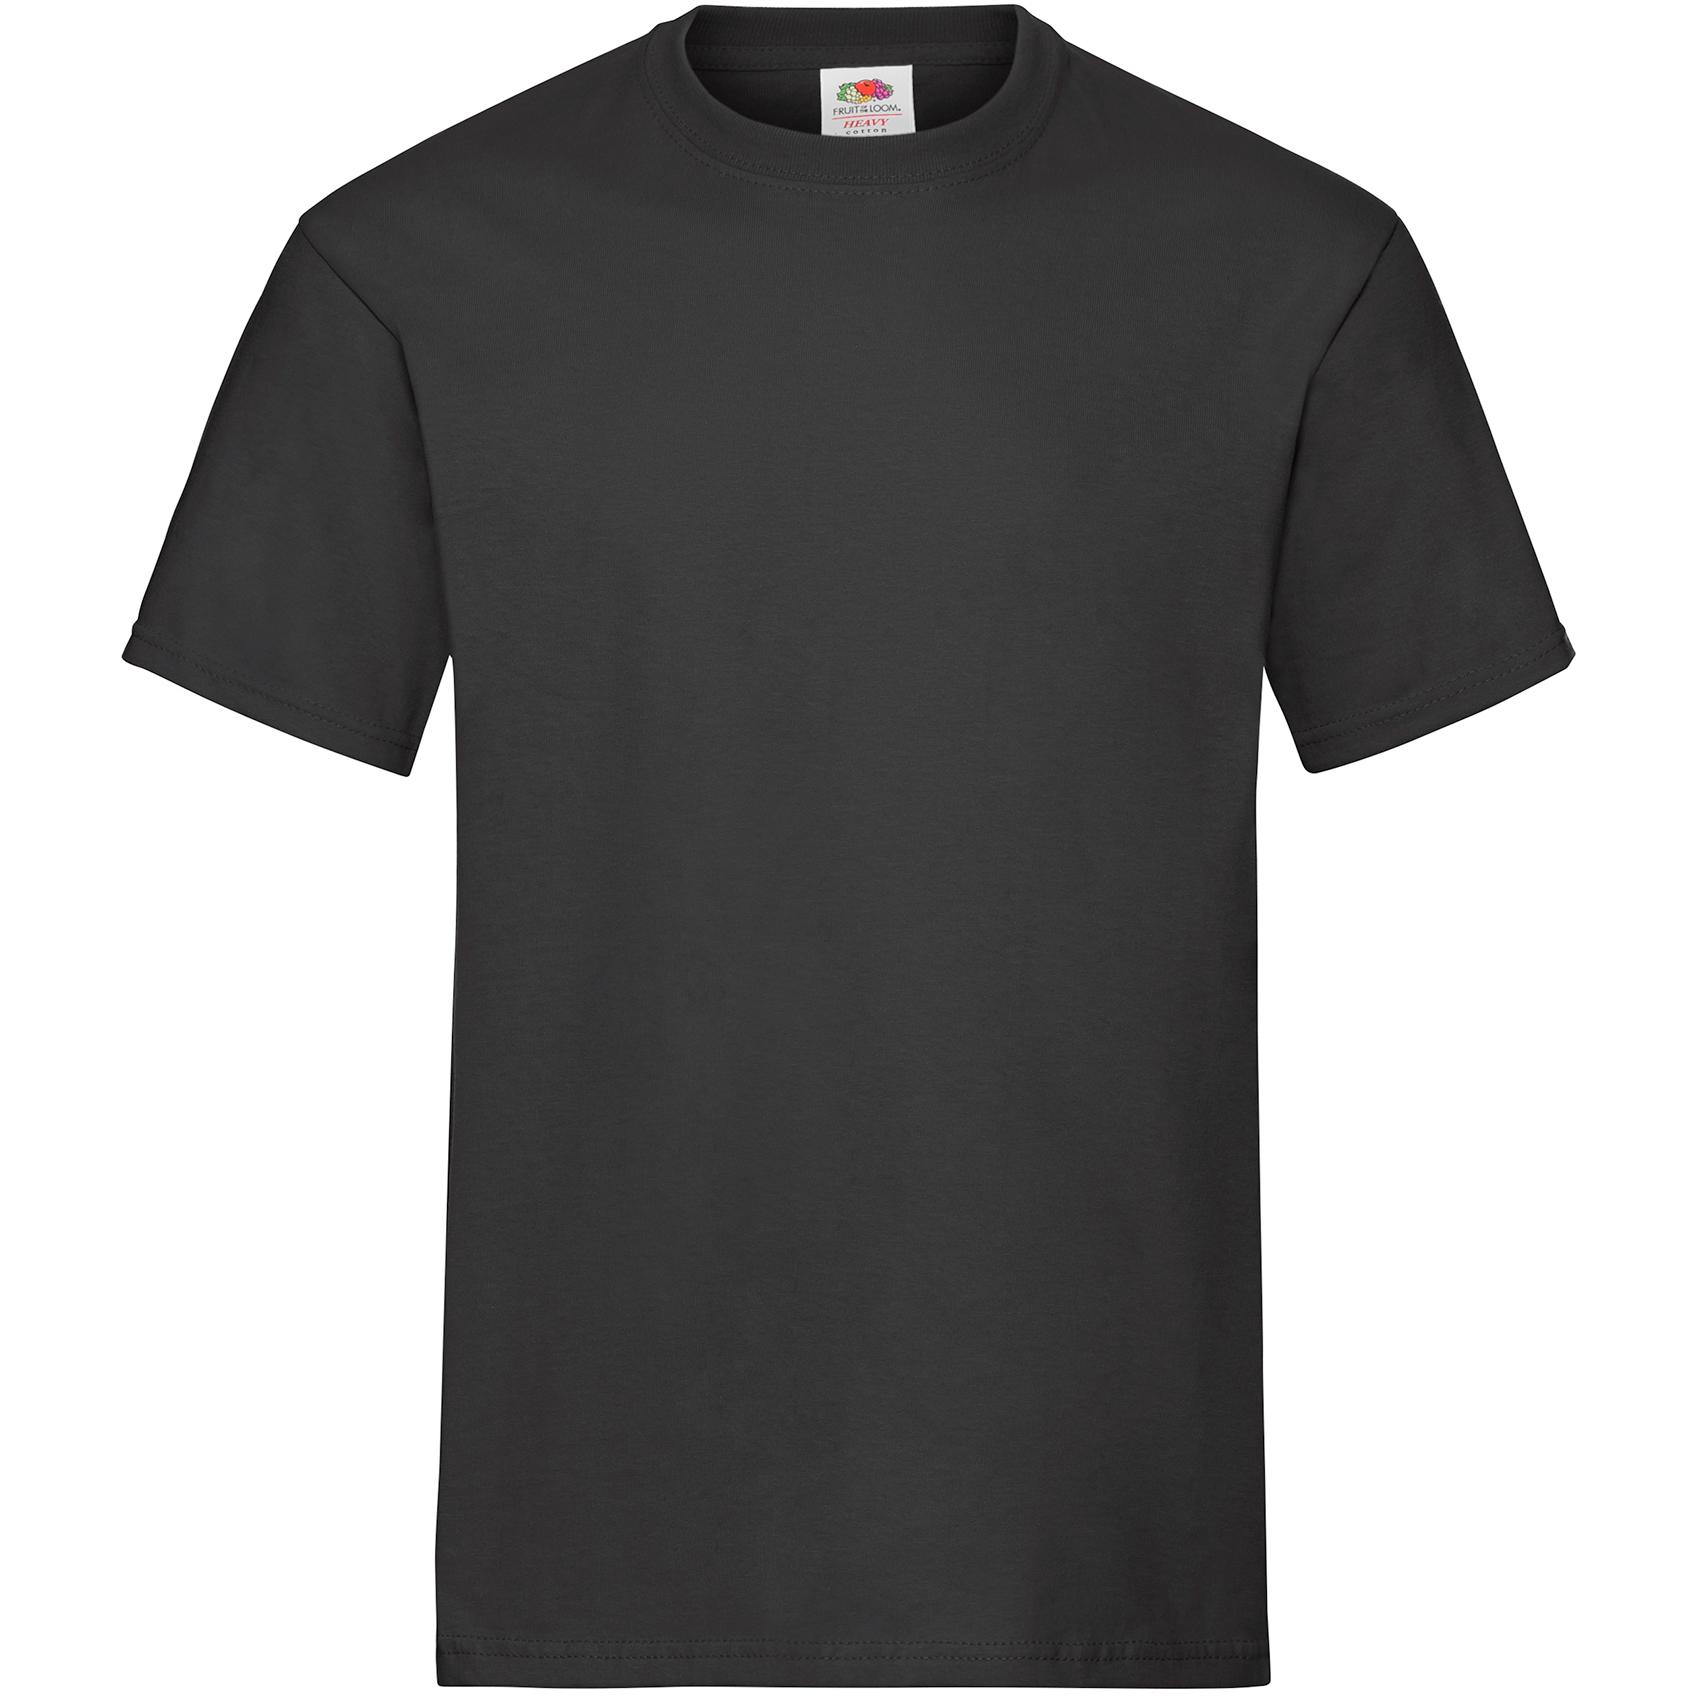 t shirt 61212 36 svart